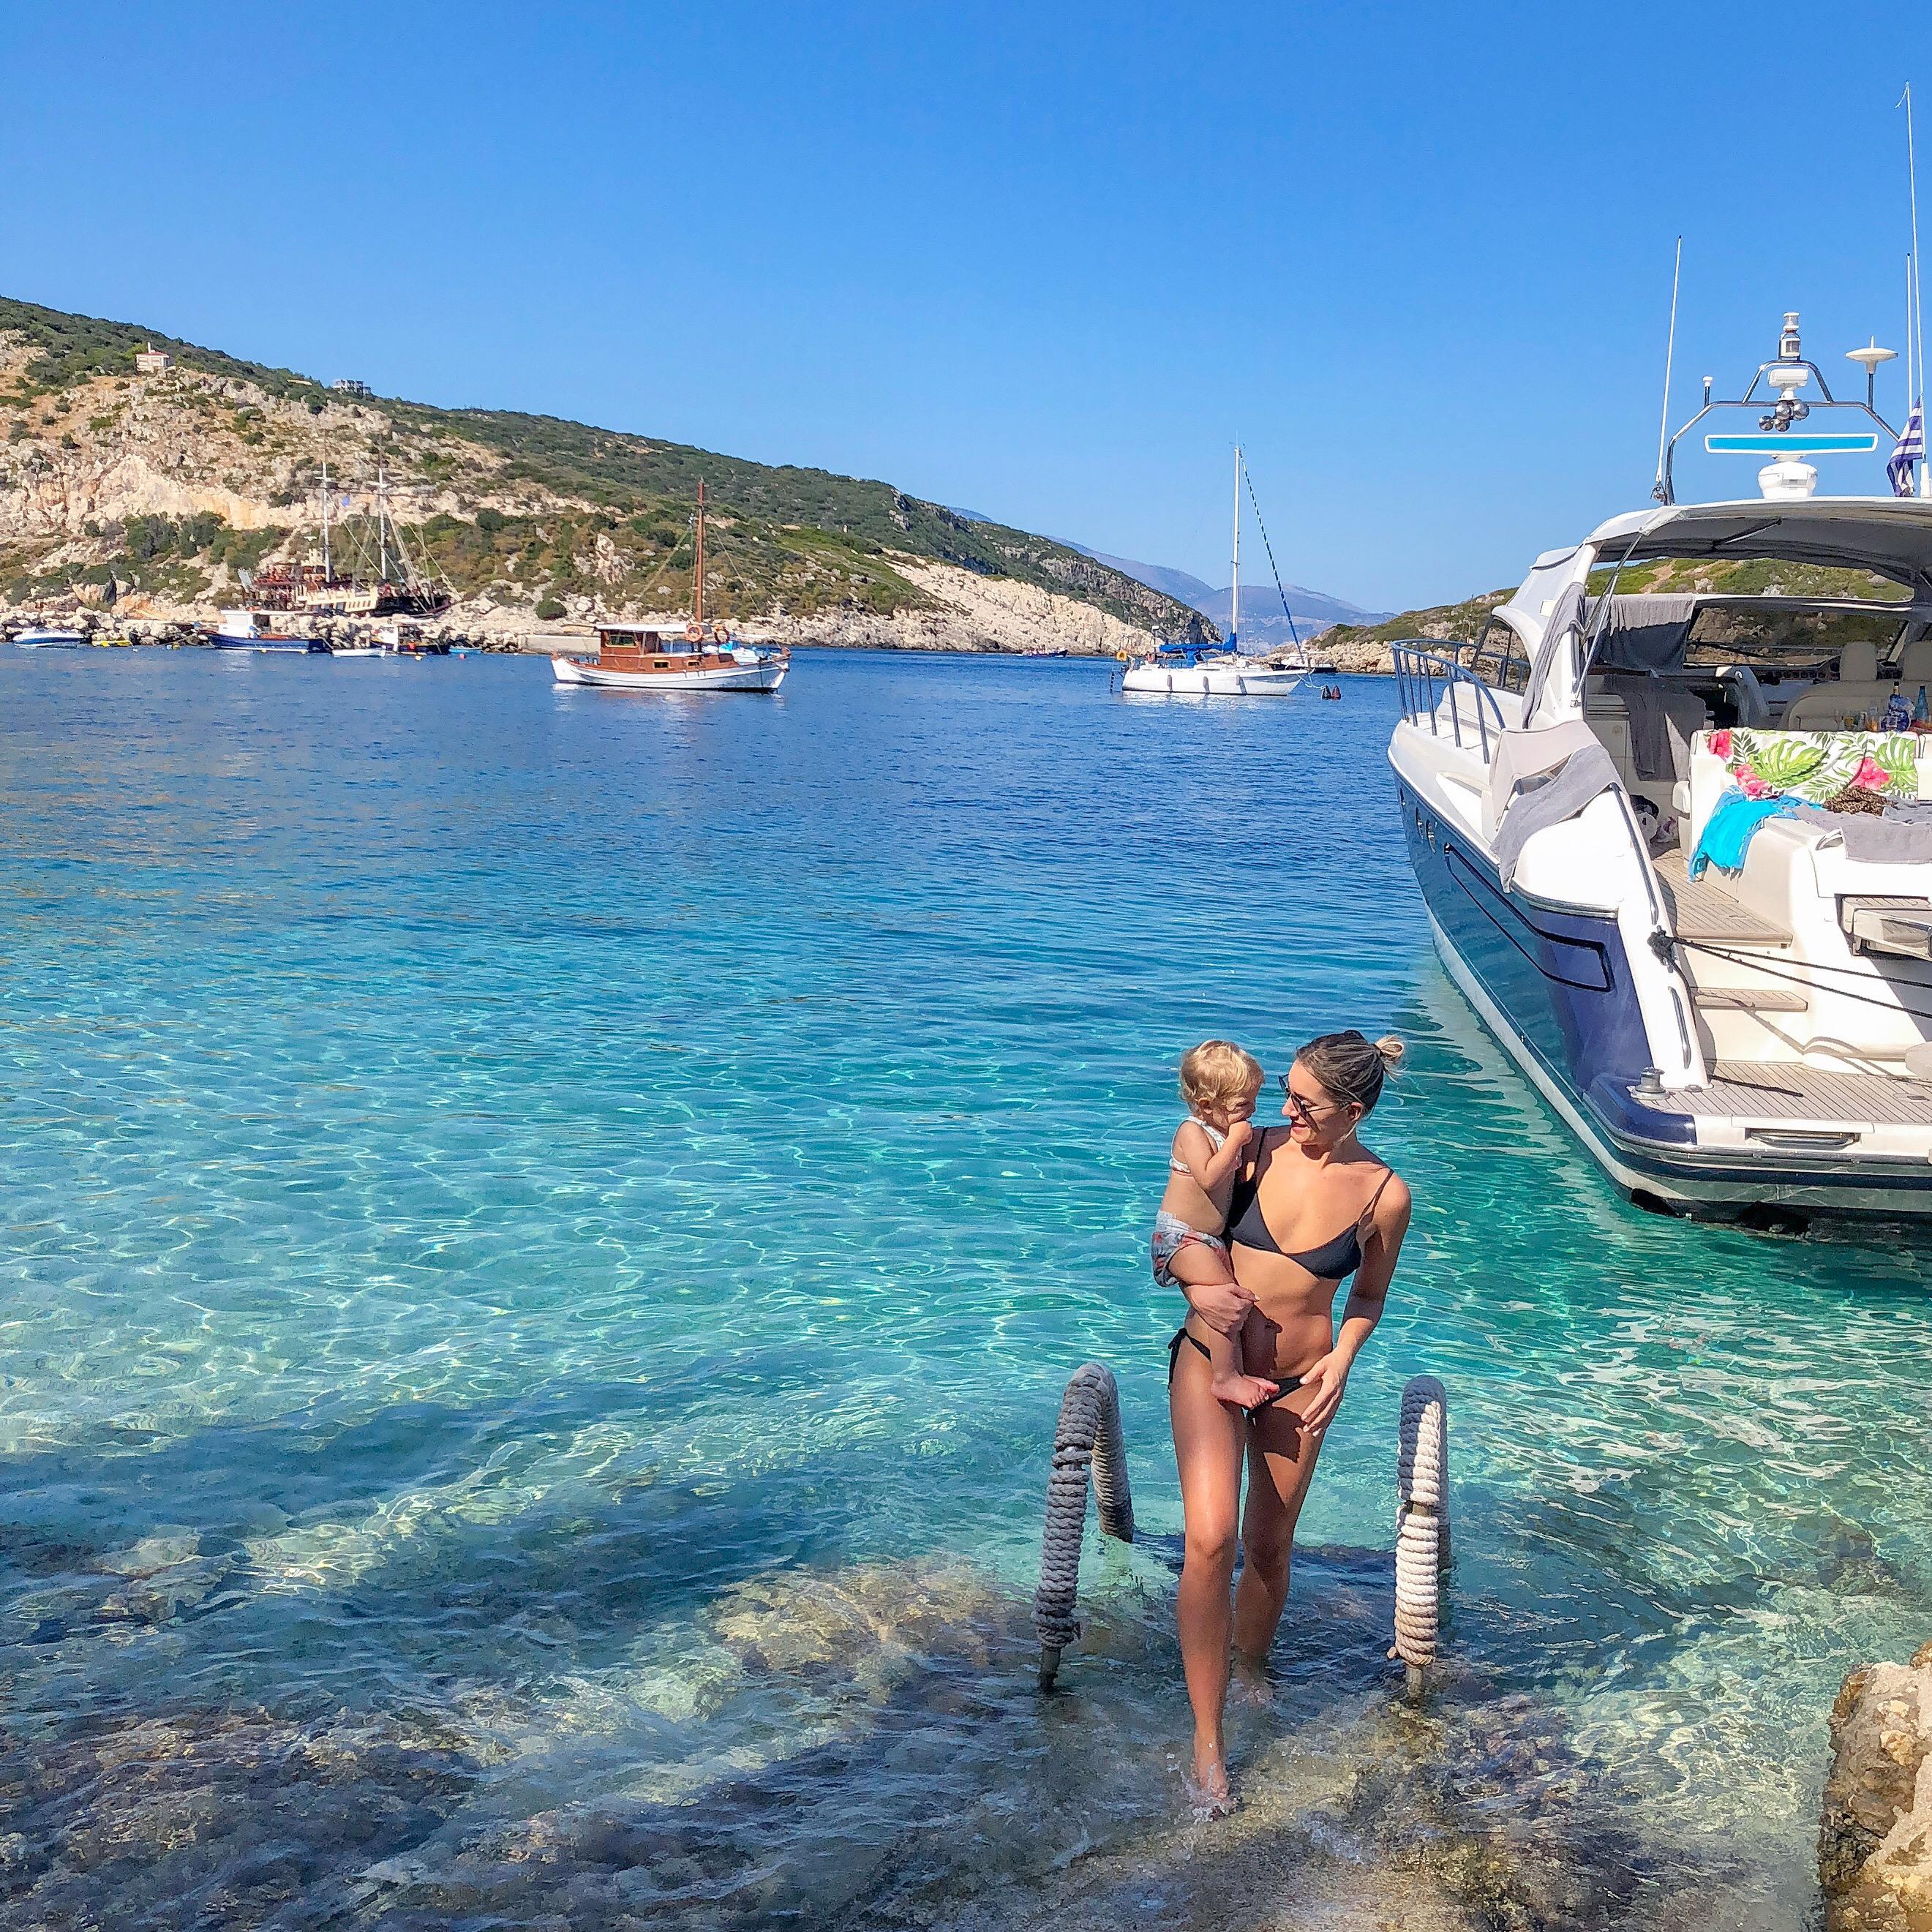 melhor destino de praia na Europa , Grecia